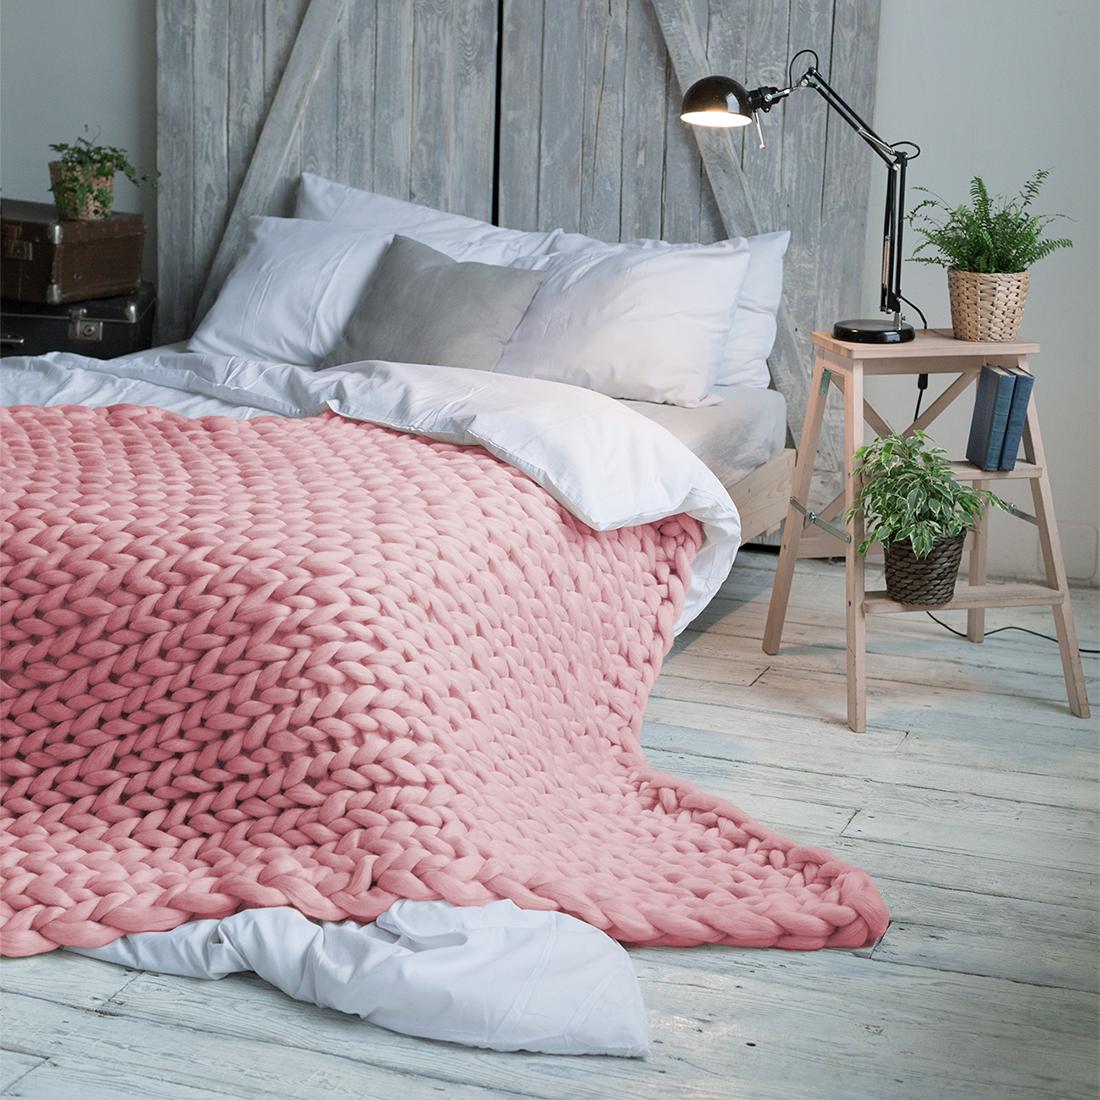 Плед Dome Hygge, цвет: светло-розовый, 140 см х 200 см покрывало на кресло les gobelins mexique 50 х 120 см